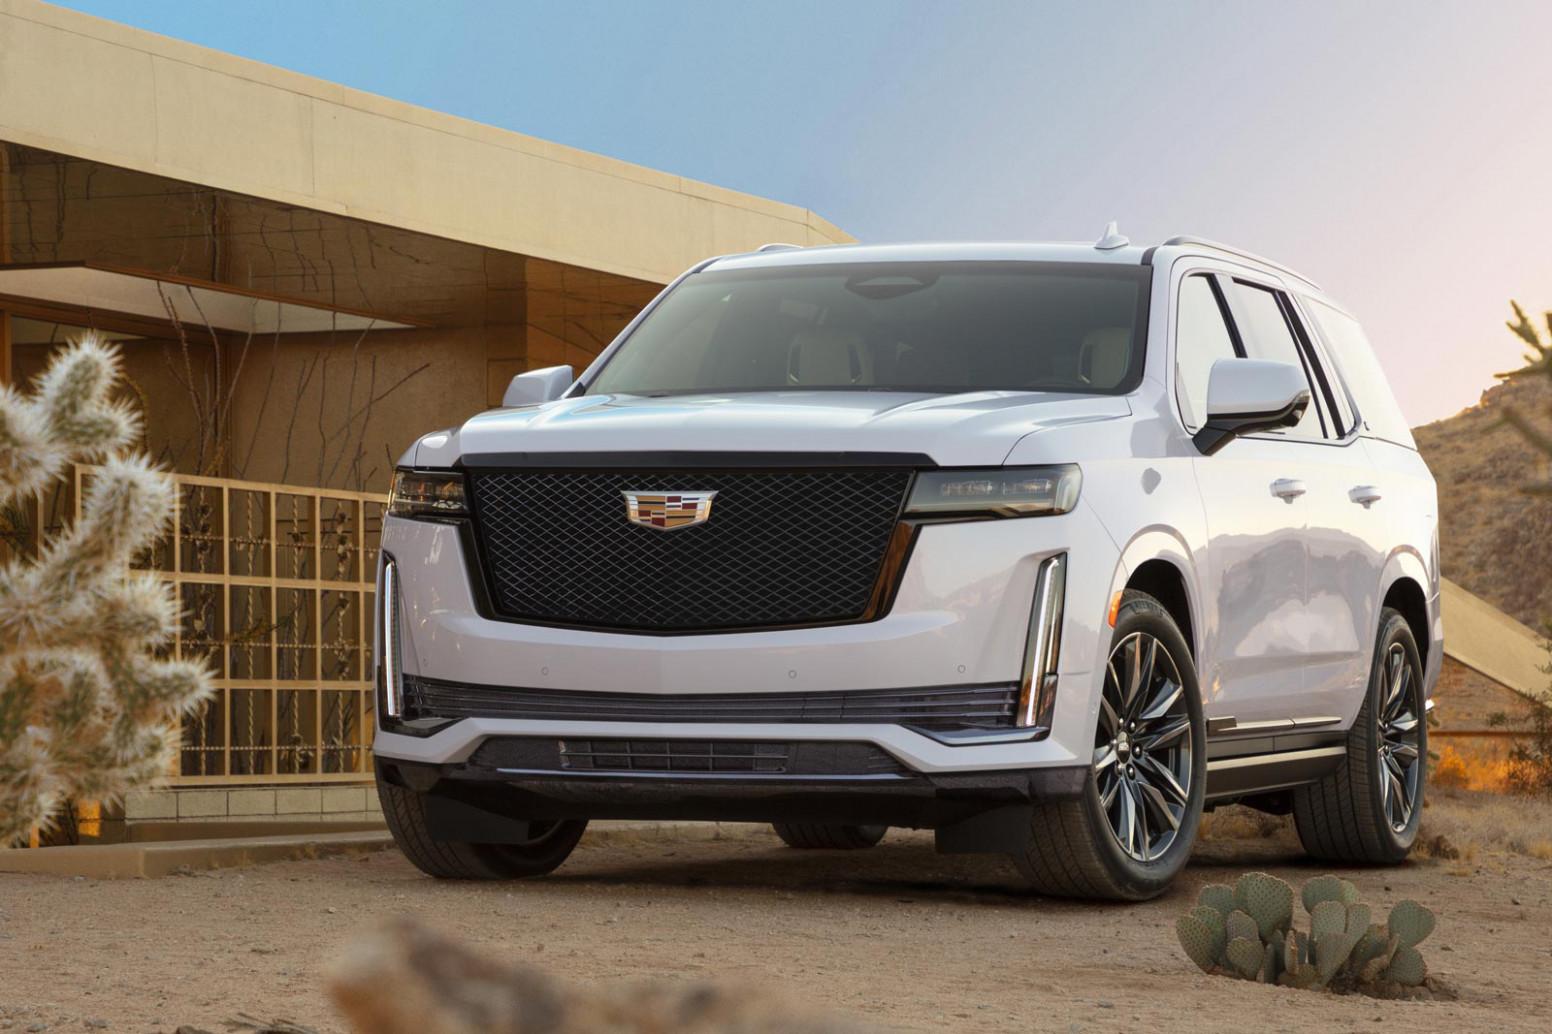 Photos Next Generation 2022 Cadillac Escalade